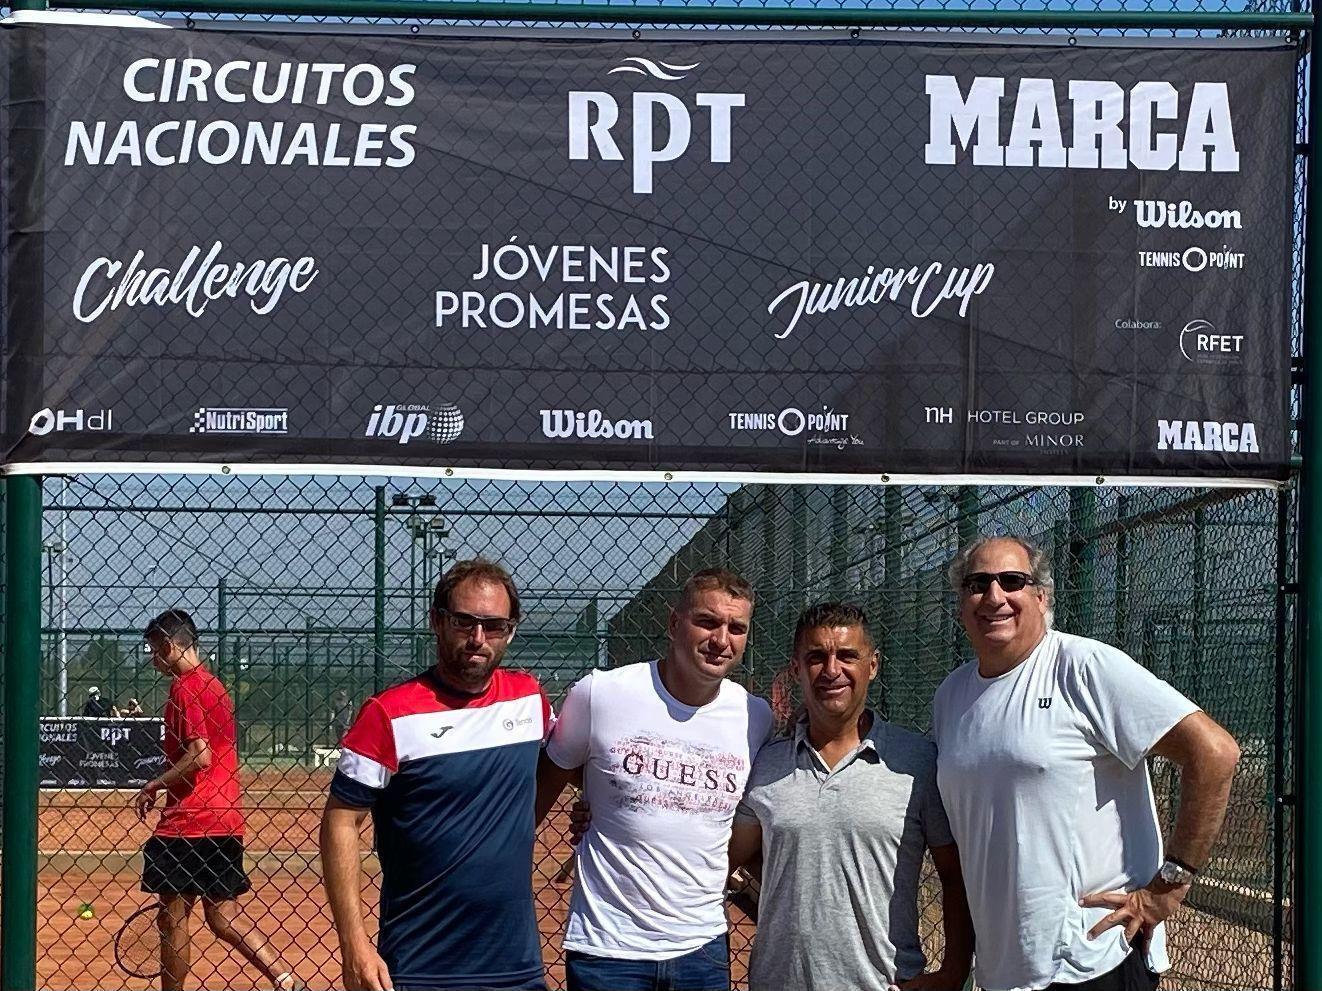 Organización: Sergio Gallego, Jorge Garcia, Luis Mediero y Luis Miguel juez árbitro, de izq a derecha